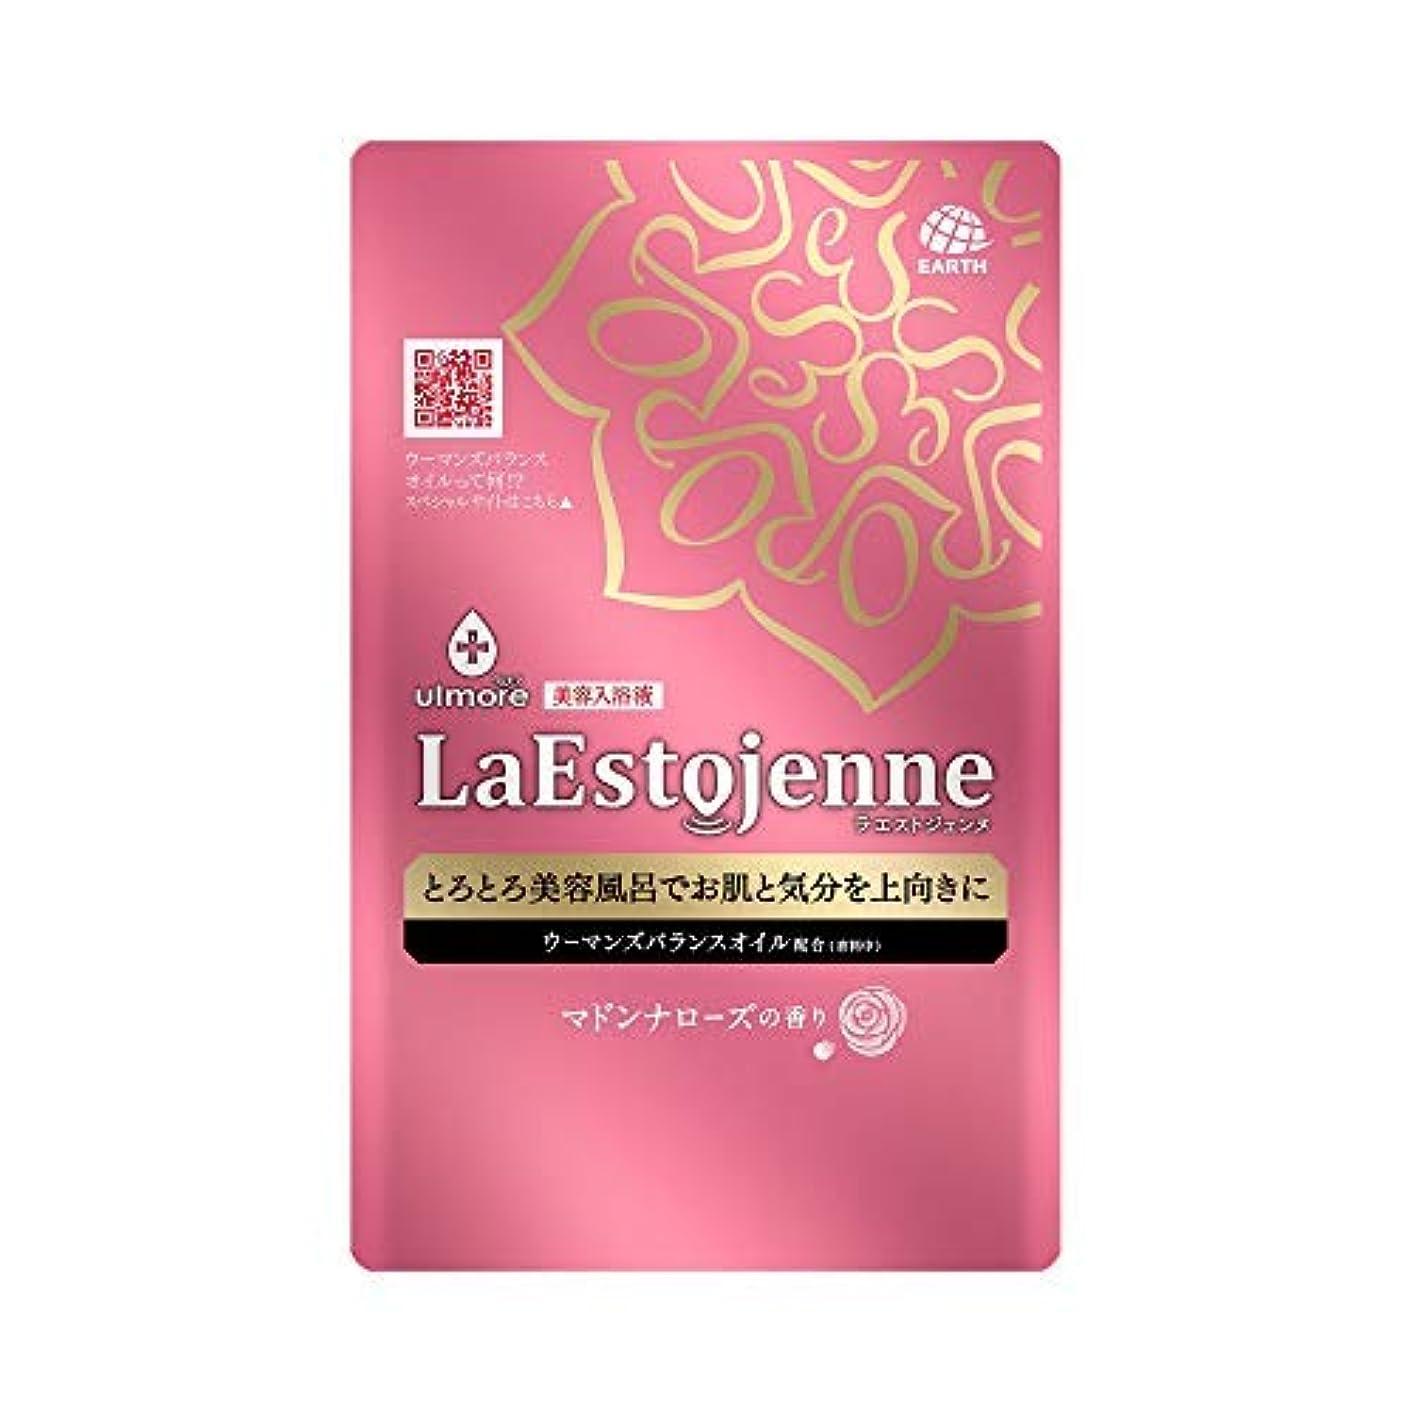 コマース閉塞宿題をするウルモア ラエストジェンヌ マドンナローズの香り 1包 × 4個セット